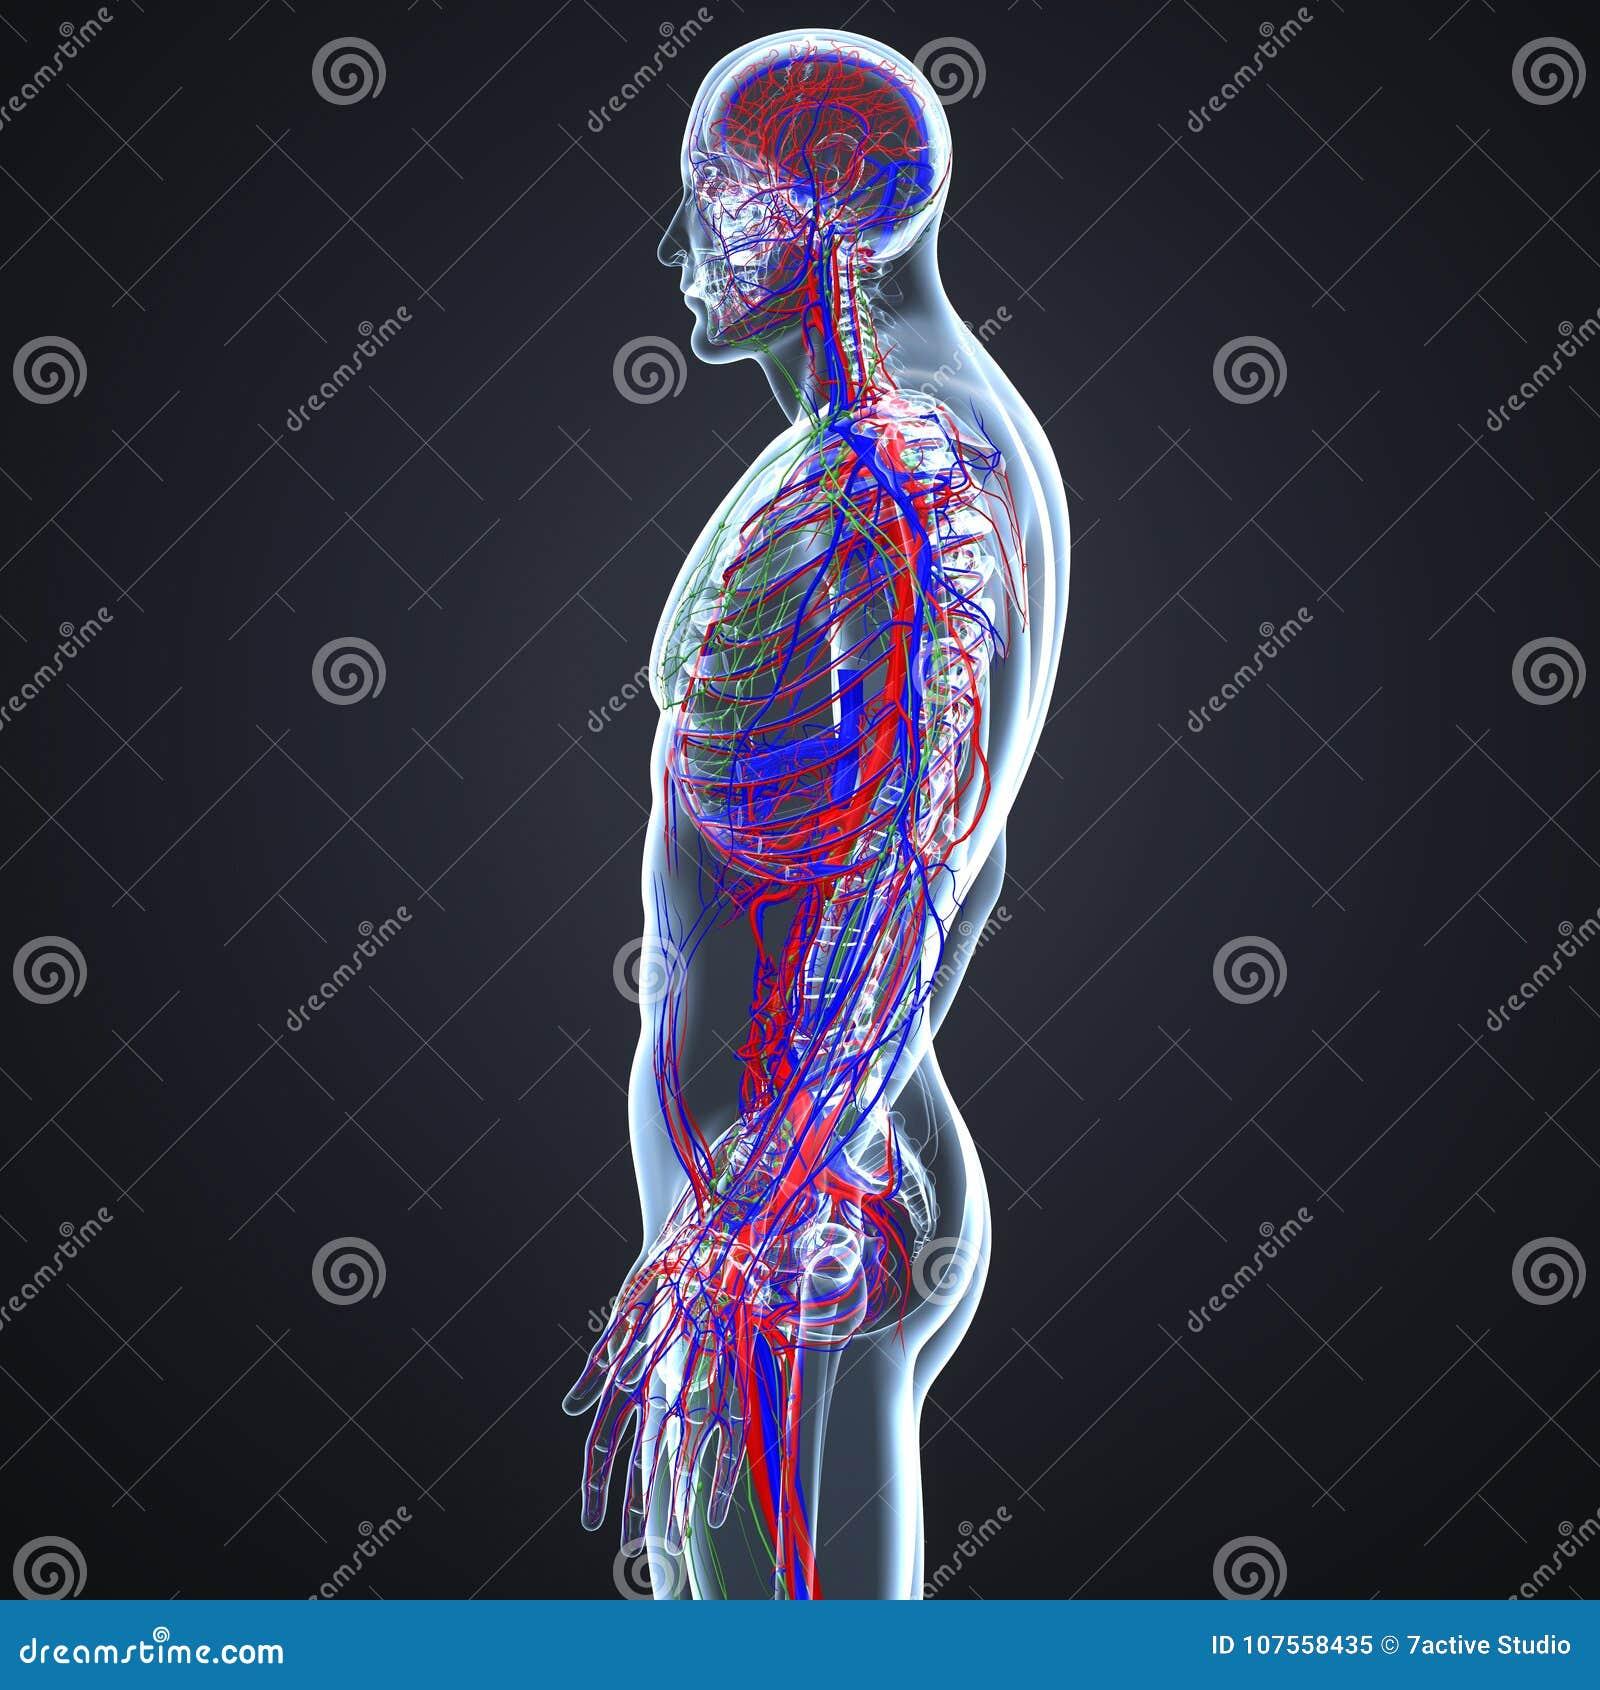 Slagaders, Aders en lymfeknopen met Skeletlichaam